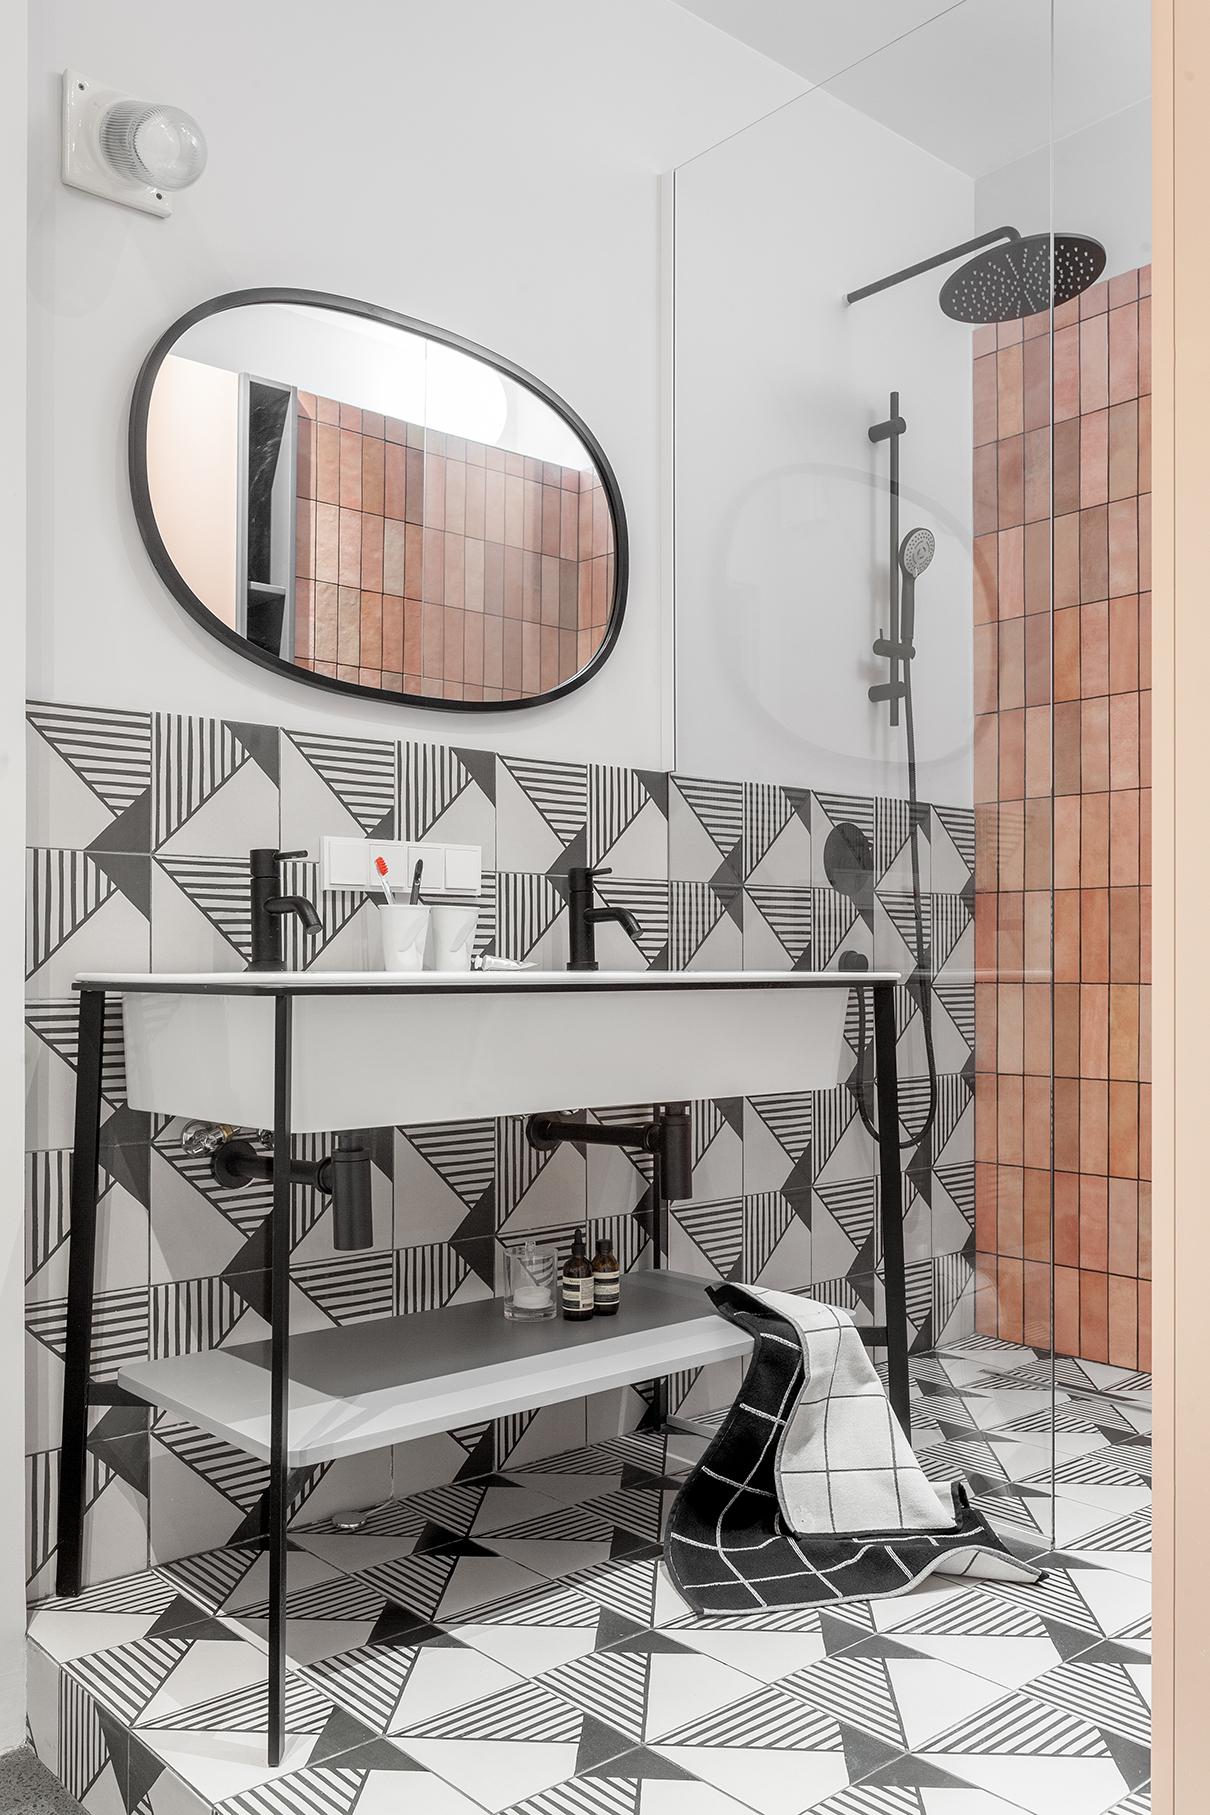 В ванной часть стен окрашена влагостойкой краской, часть— облицована плиткой Equipe Artisan и Caprice deco Origami. Подстолье с полкой и с двумя раковинами— CIELO, черная сантехника— BONJIO, зеркало— Umbra. Бра над зеркалом архитекторы обнаружили в квартире до ремонта и оставили в новом интерьере. Большая часть ванной поднята на подиум, в том числе для организации слива в душевой без порожка